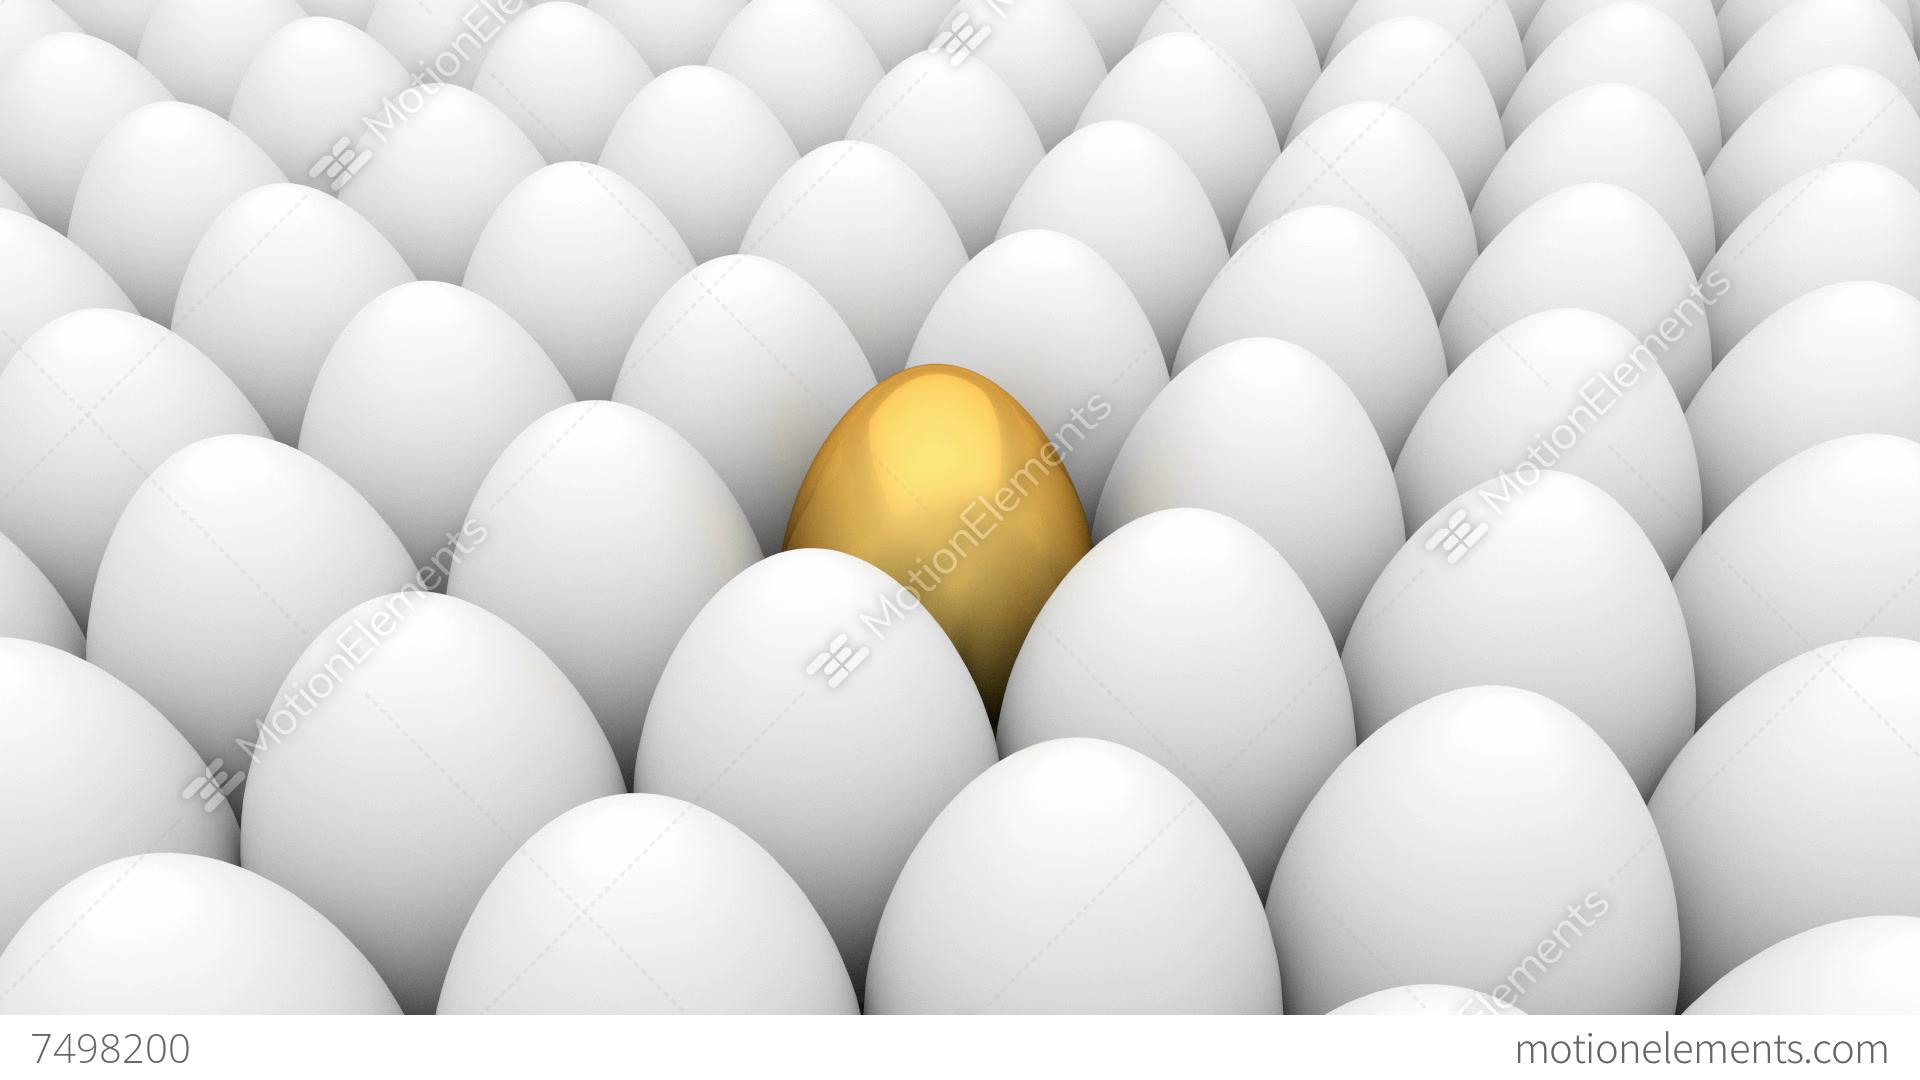 Golden Egg And White Eggs Stock Animation  7498200